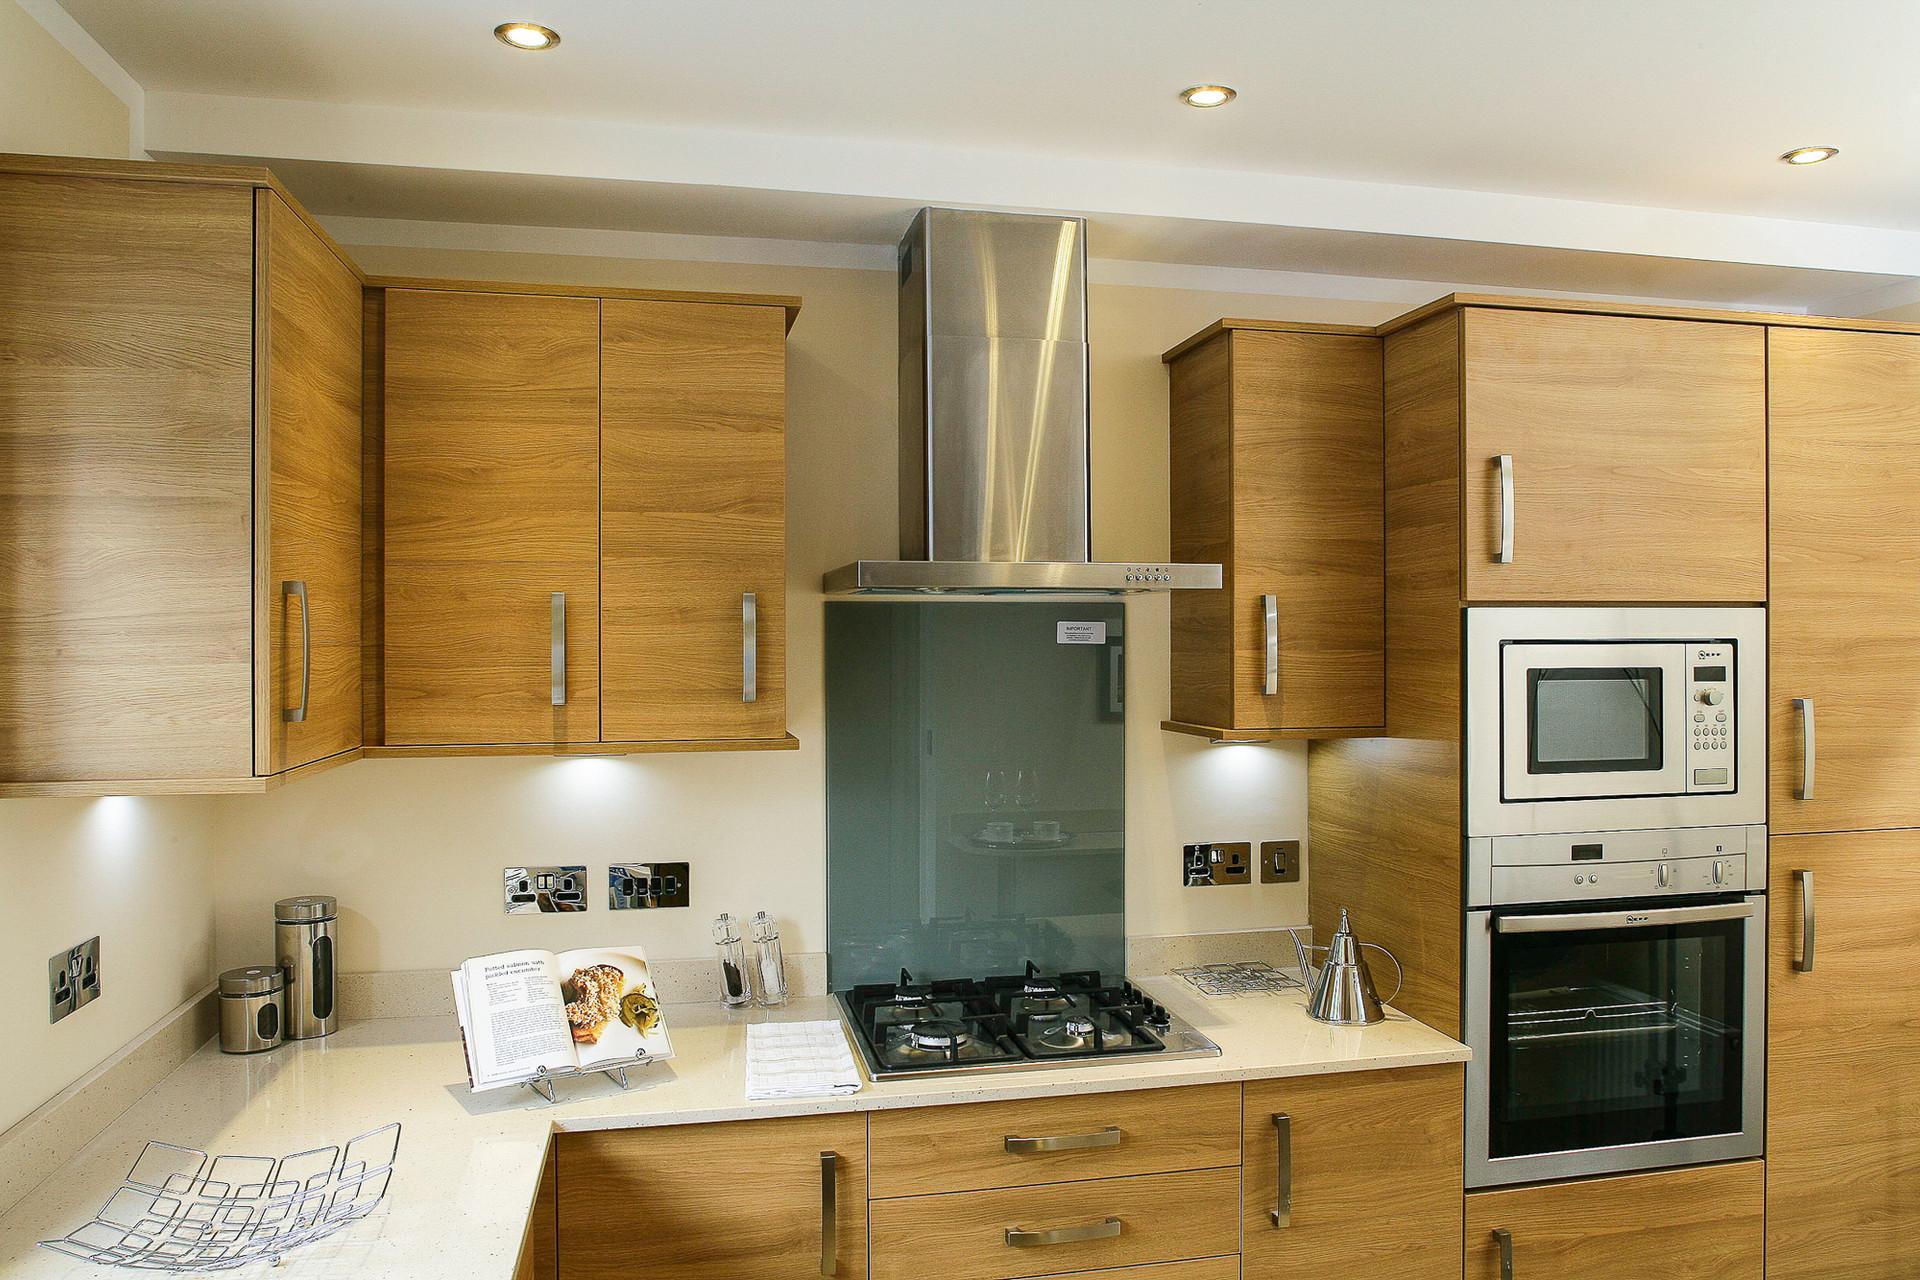 """<img src=""""kitchen.jpg"""" alt=""""kitchen in modular construction""""/>"""